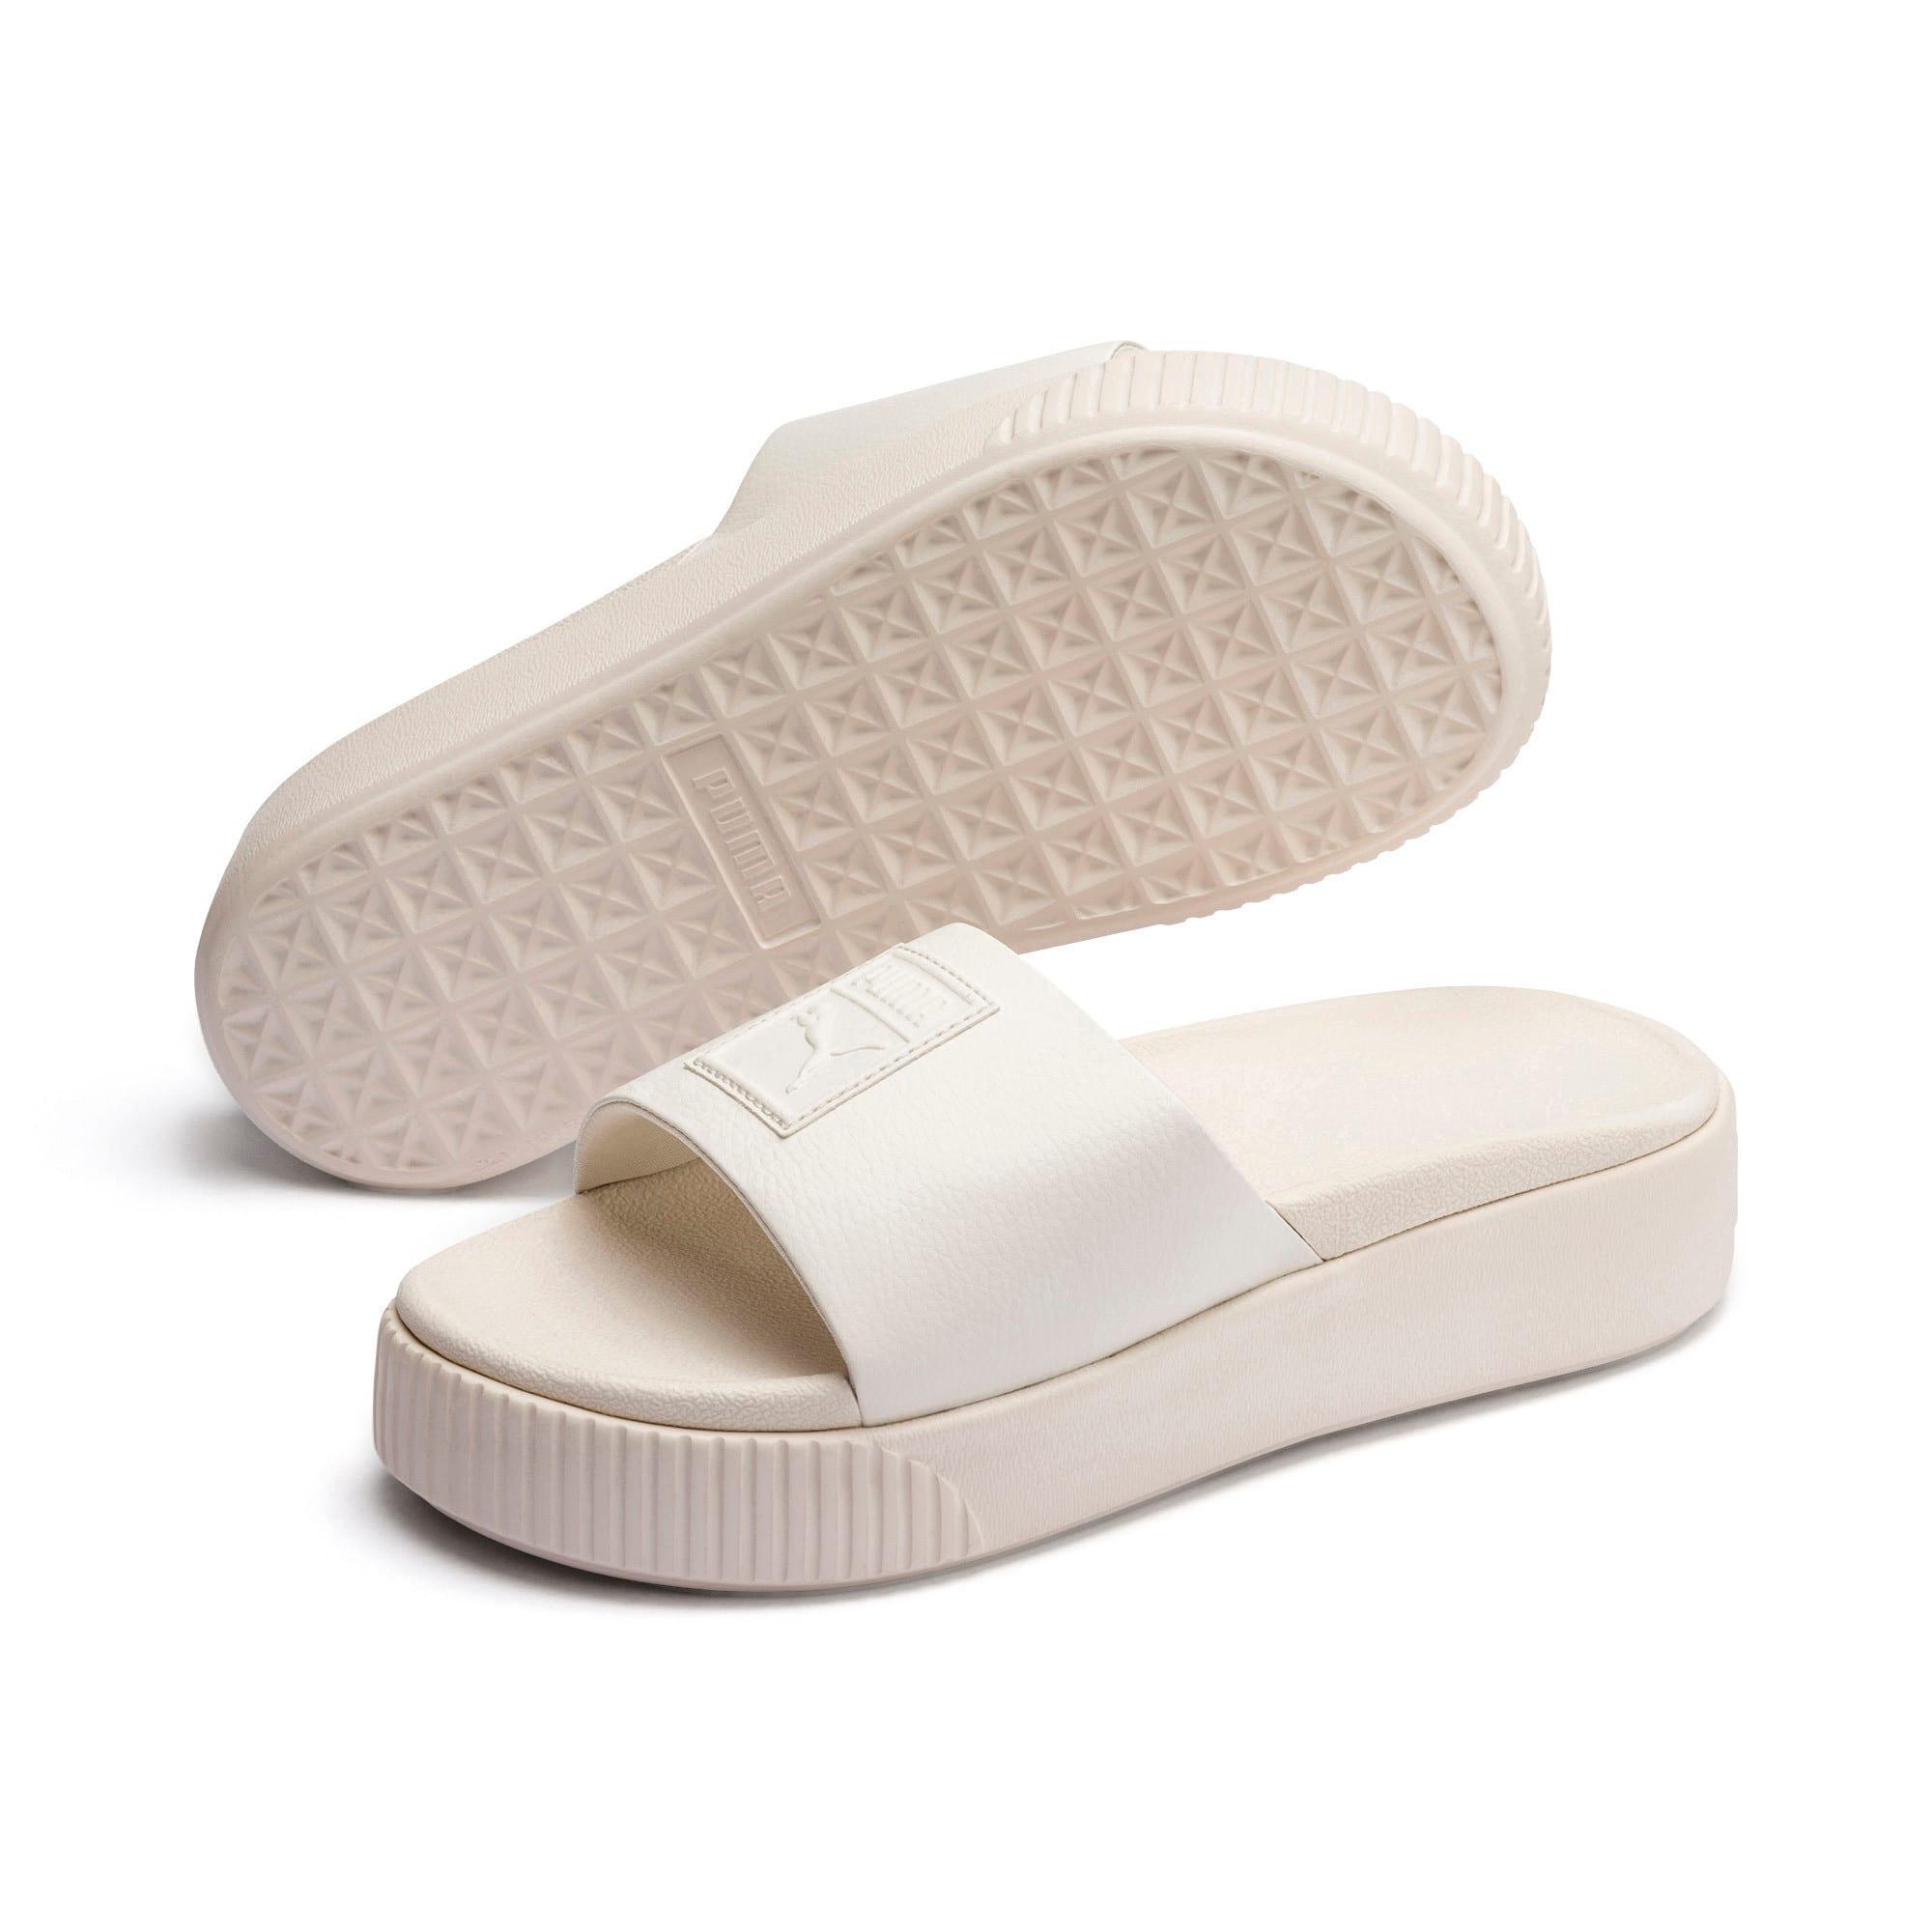 Thumbnail 2 of Platform Slide Women's Sandals, Pastel Parchment-Pastel Par., medium